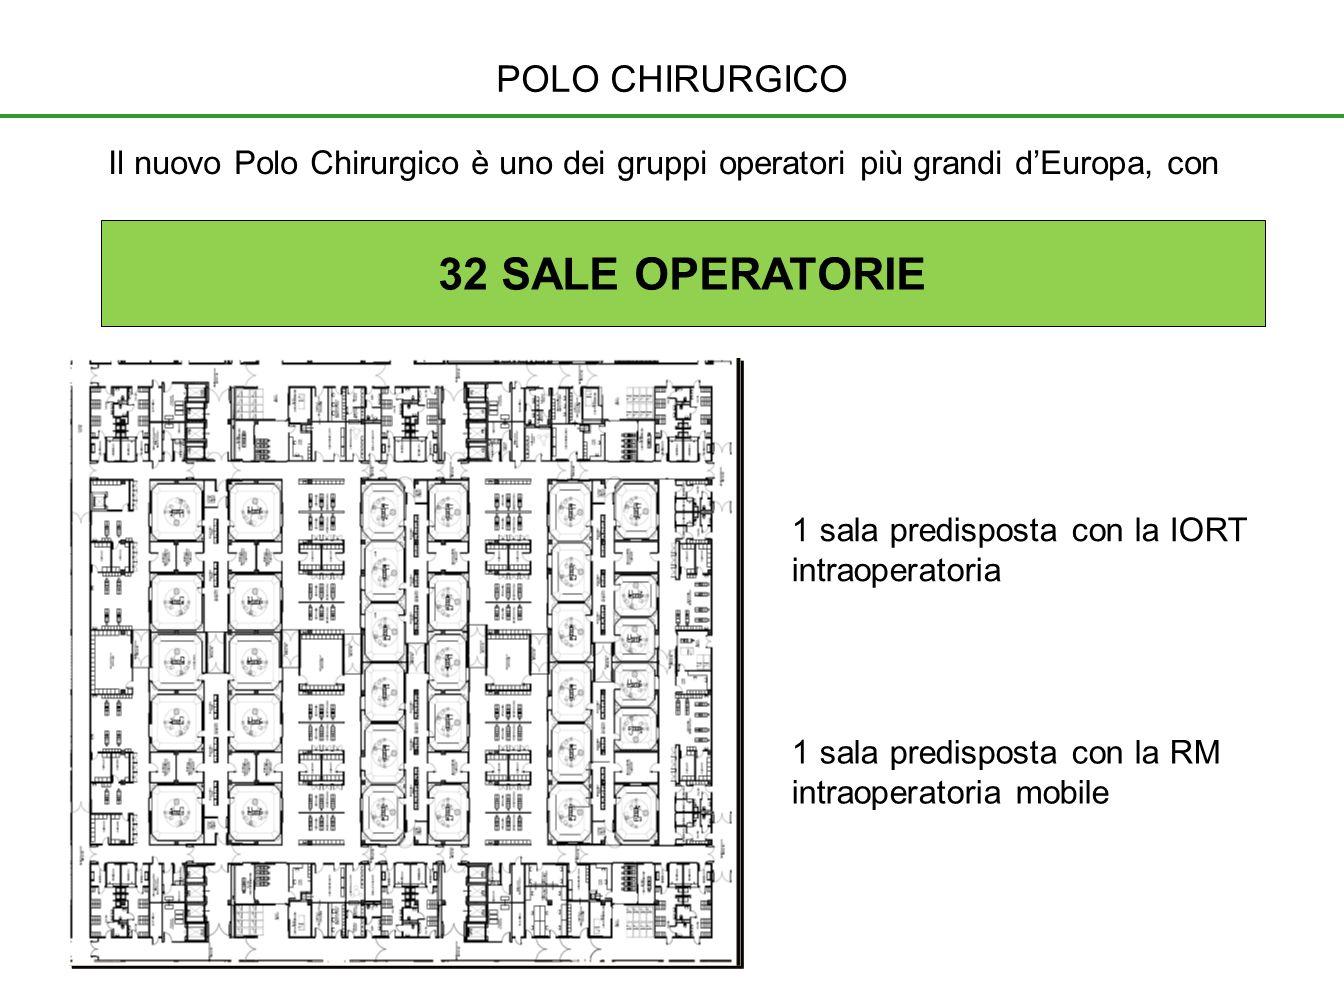 32 SALE OPERATORIE POLO CHIRURGICO